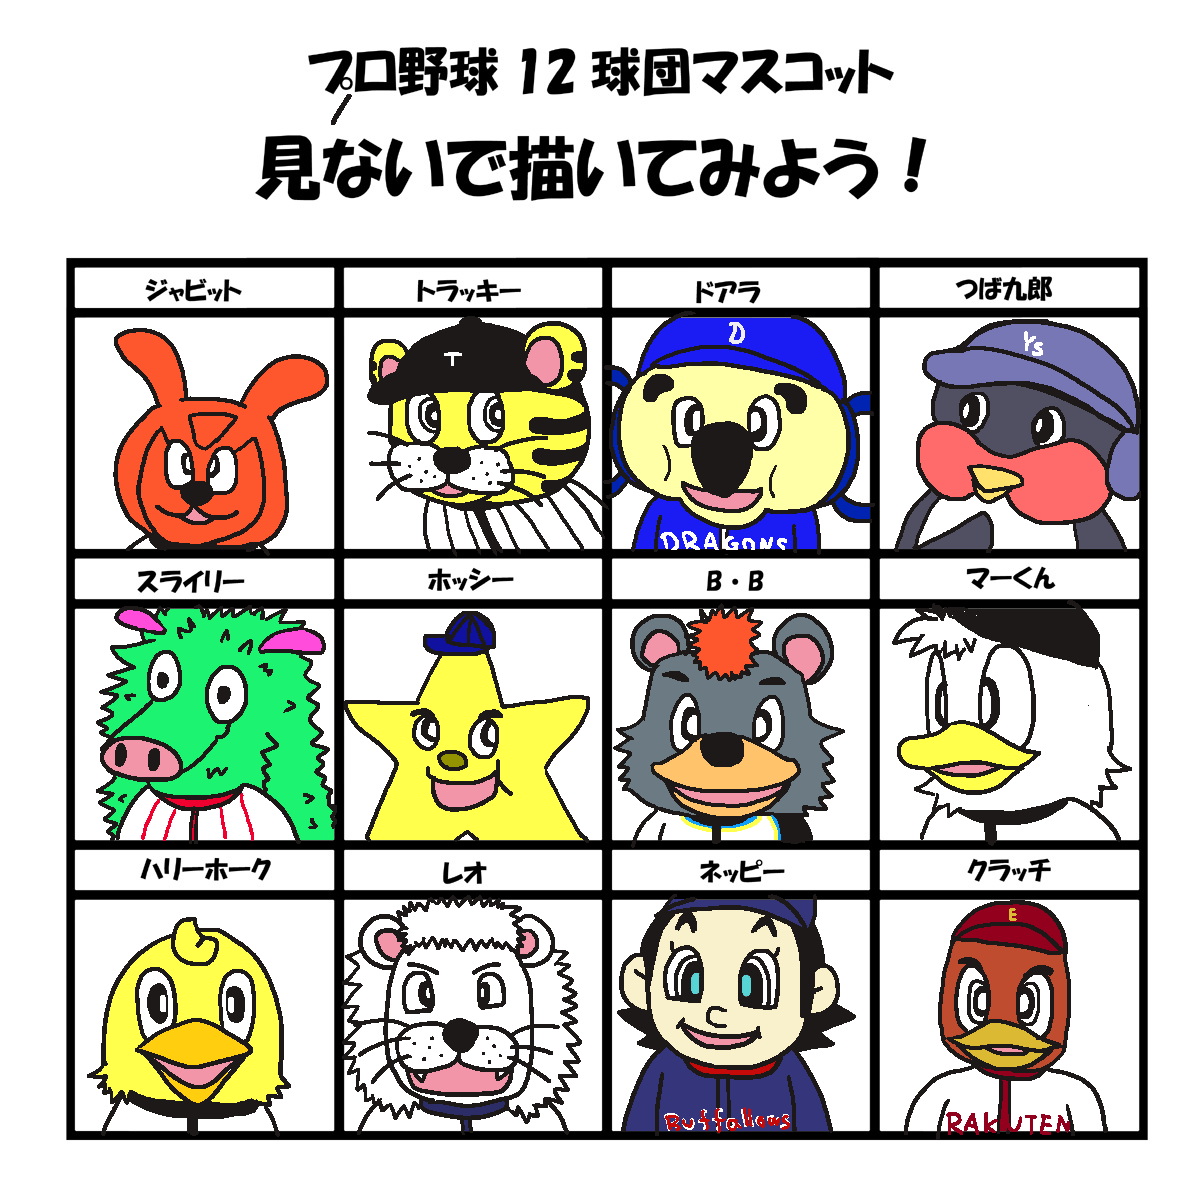 12球団マスコット 見ないで描いてみよう!: chigyo_e